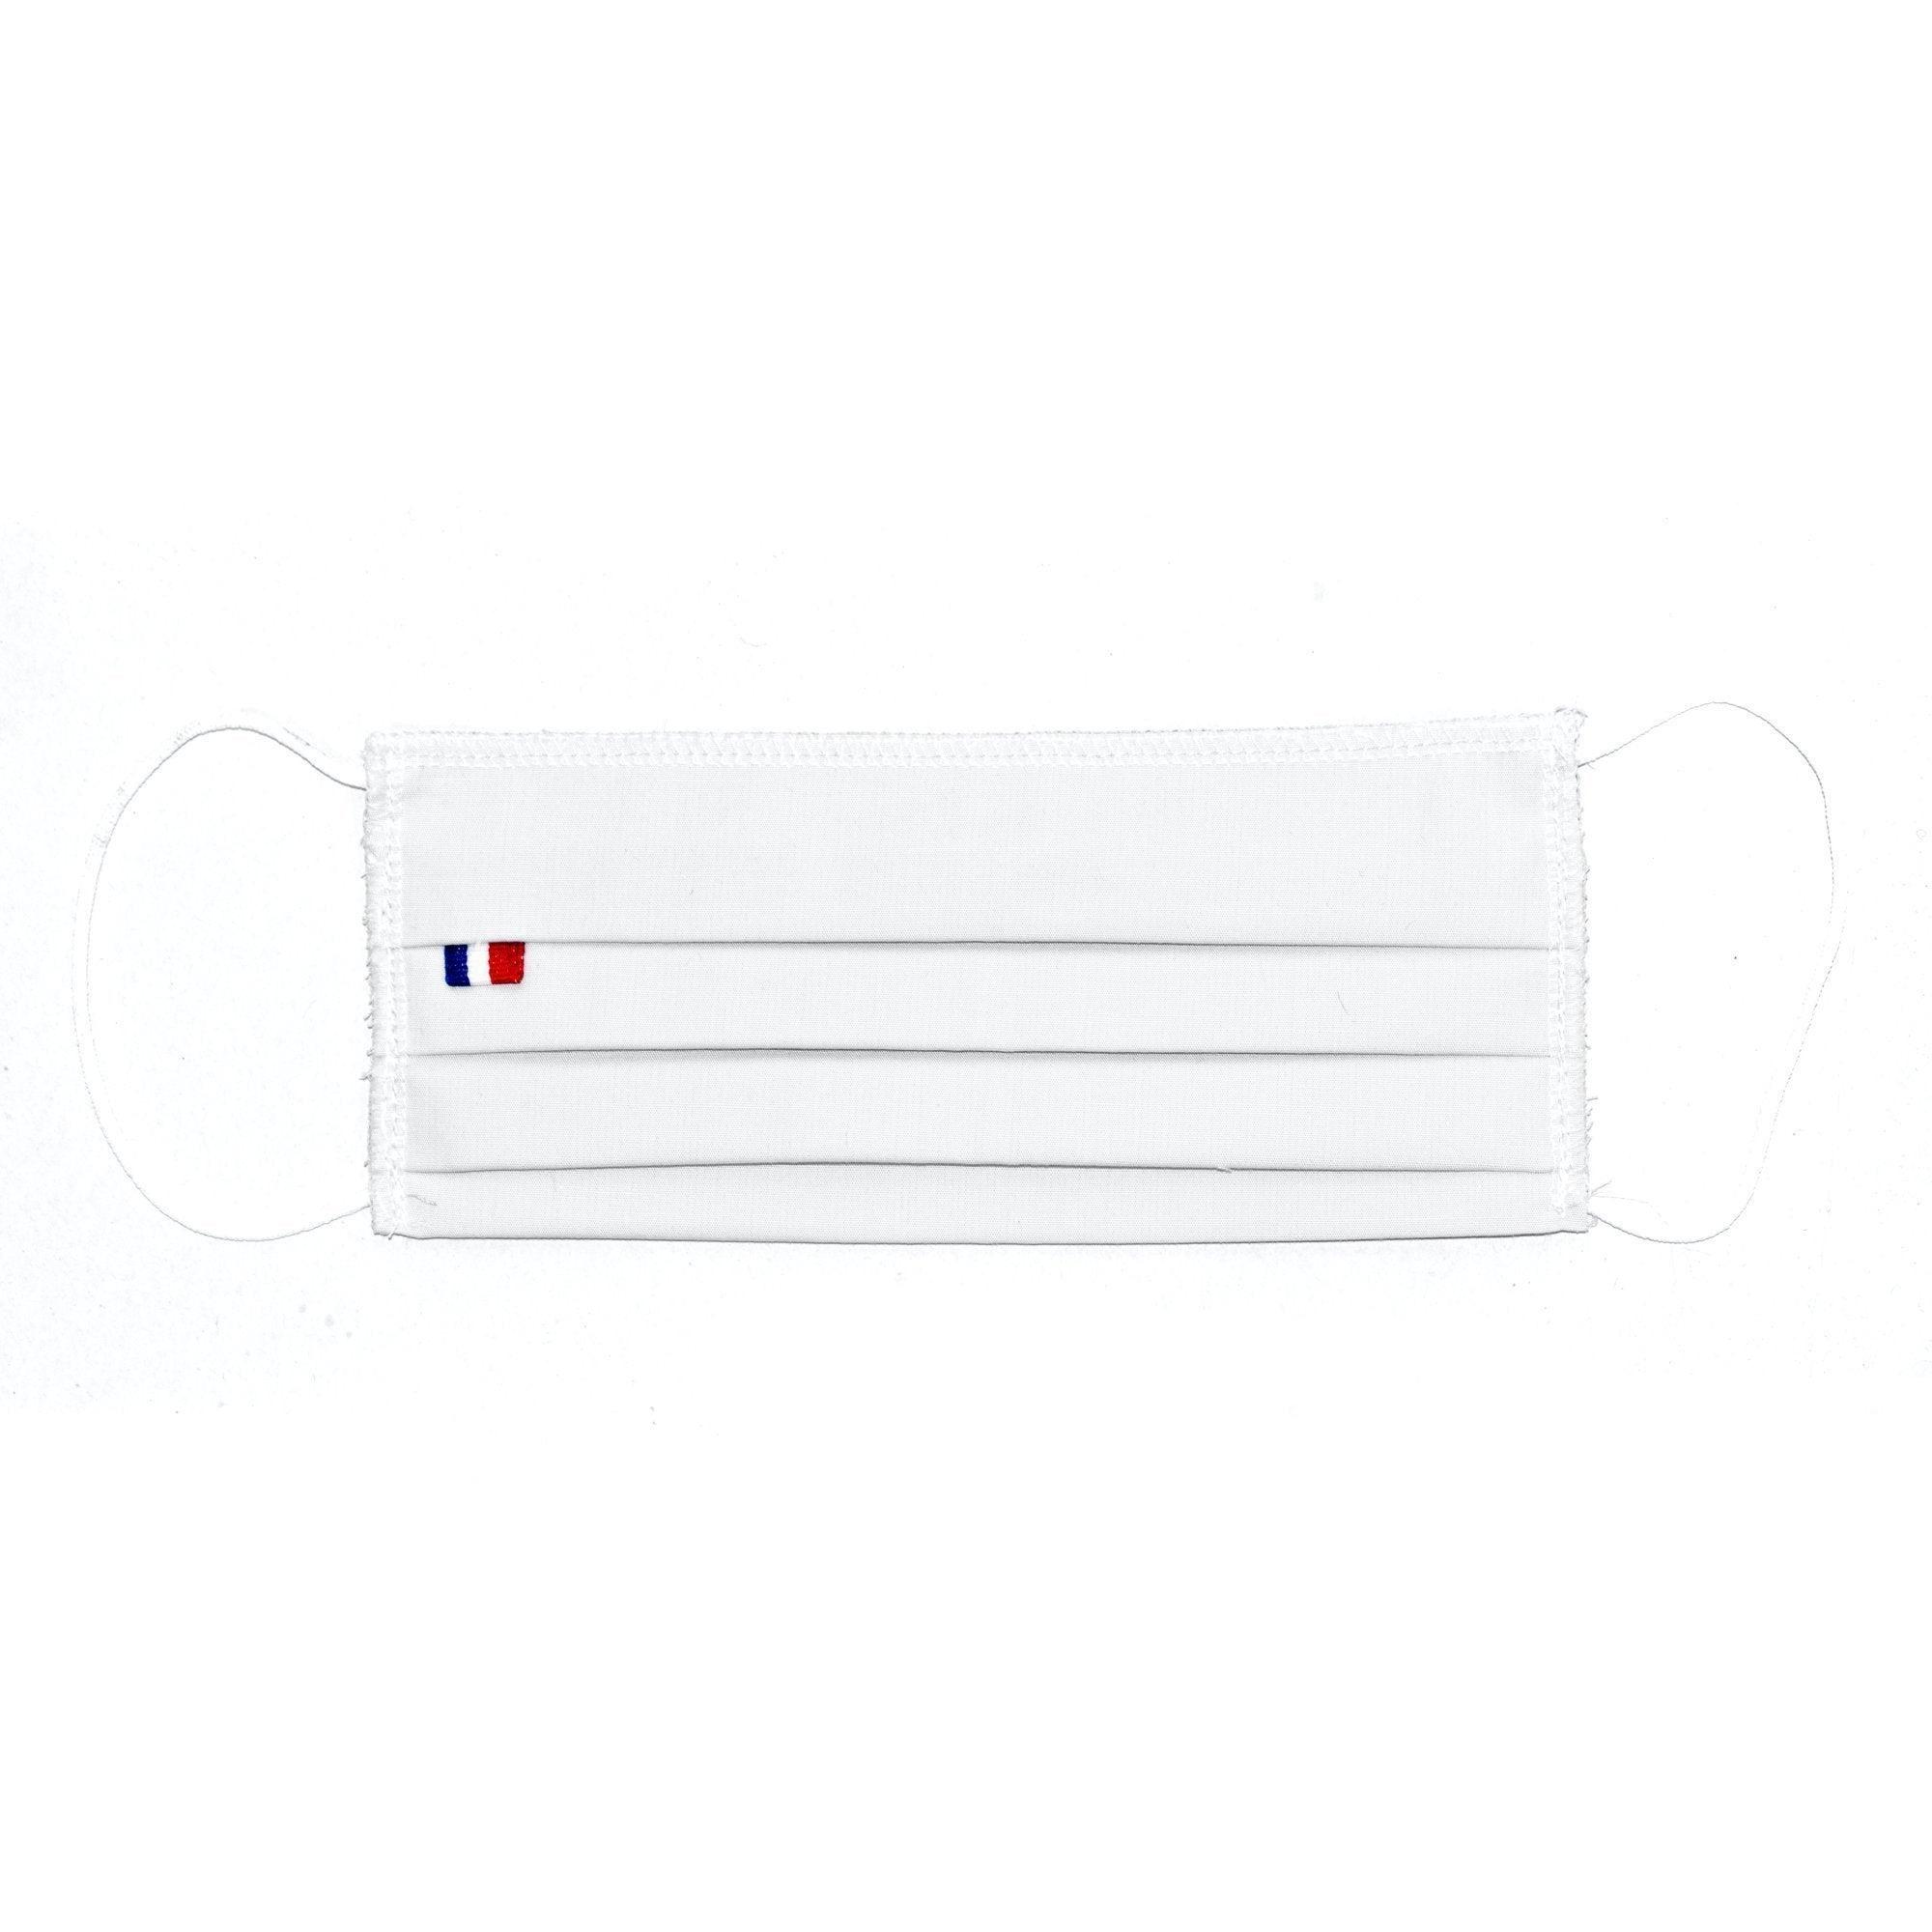 MASQUES DIRECT 5 Masques barrières 3 plis en tissu lavable réutilisable blanc - testé 10 lavages